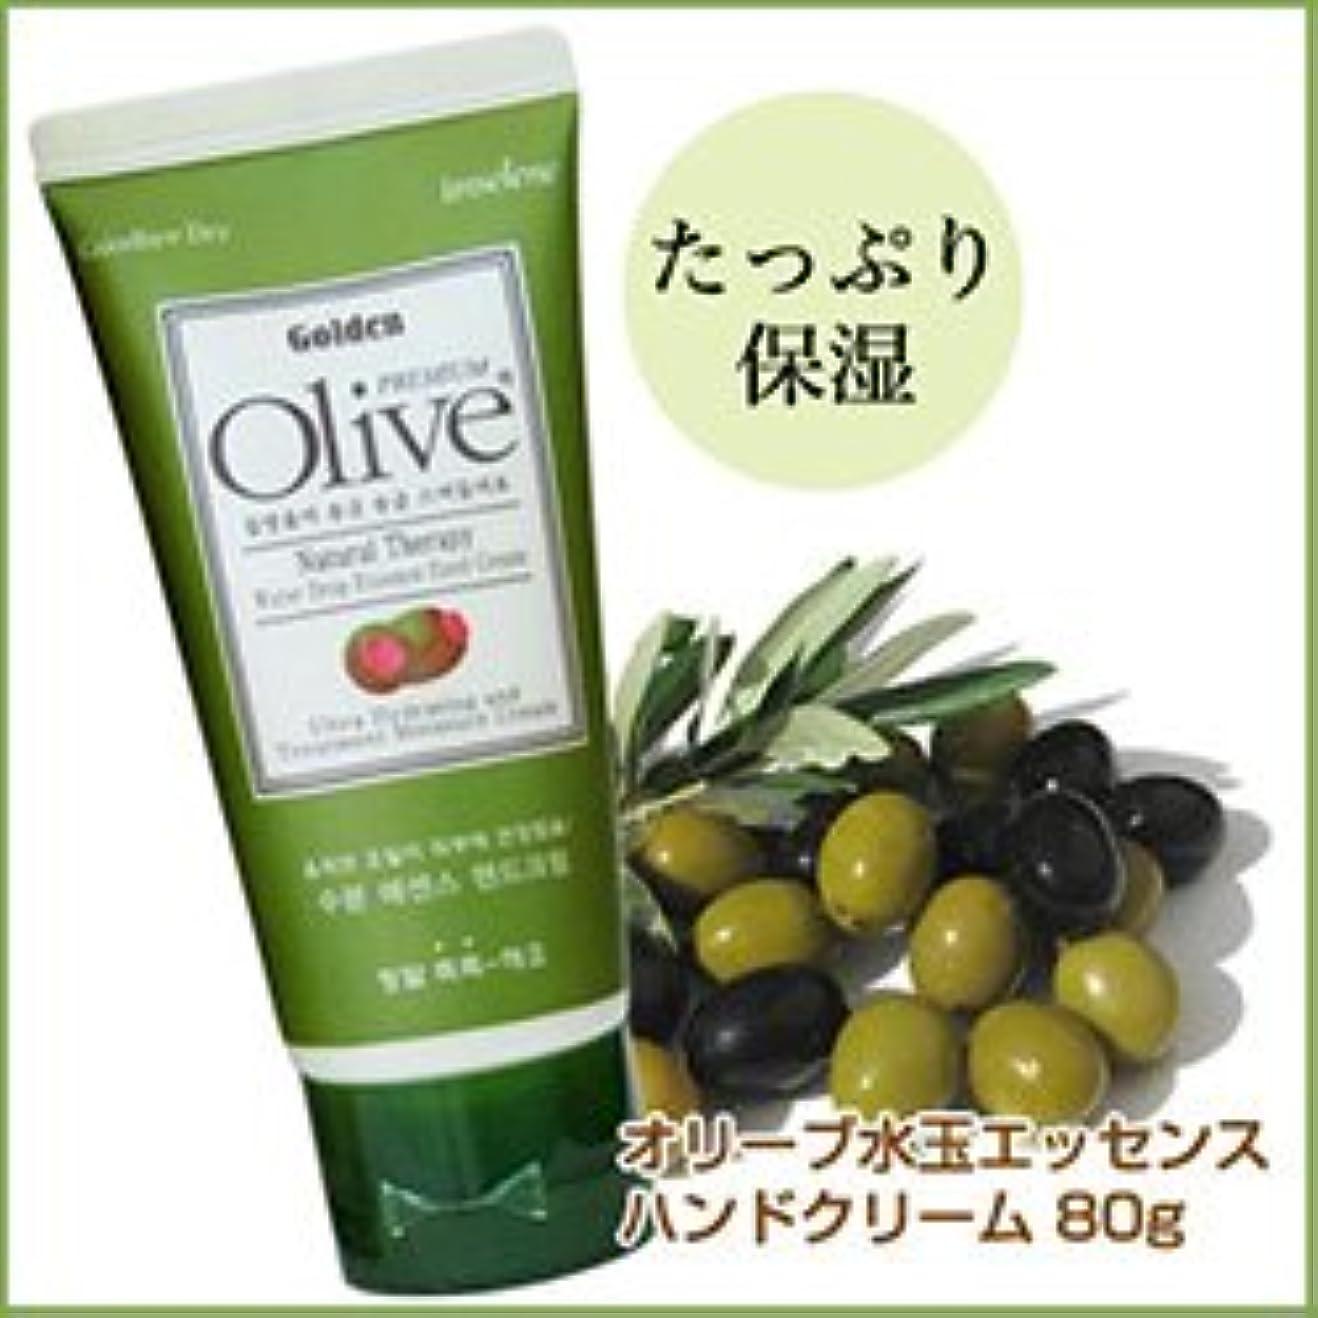 封筒現れるペパーミント【韓国コスメ】天然オリーブオイル ハンドクリーム80g